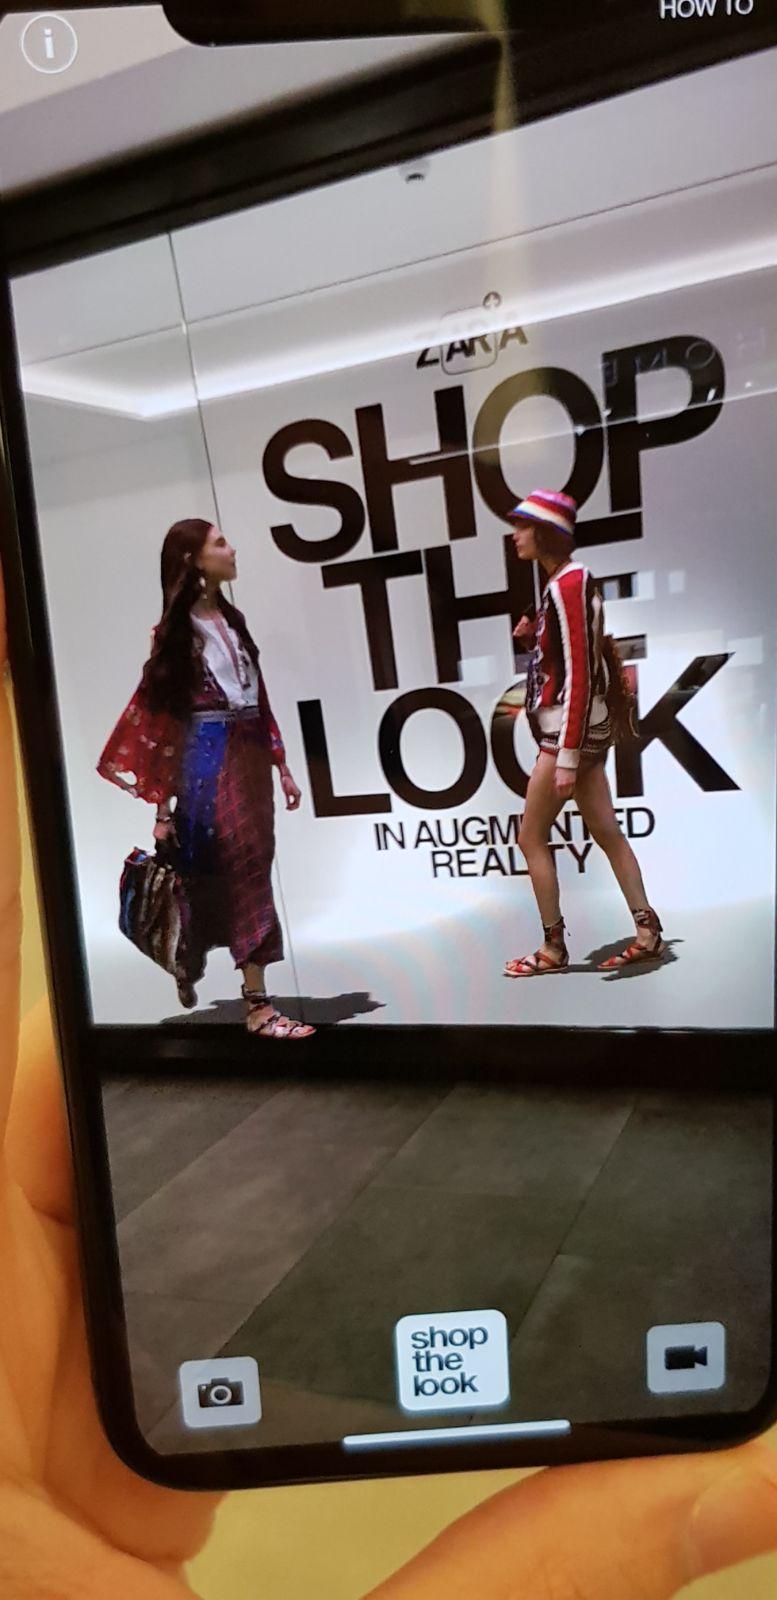 Nueva revolución en Zara: lanzará una aplicación para comprar con Realidad Aumentada